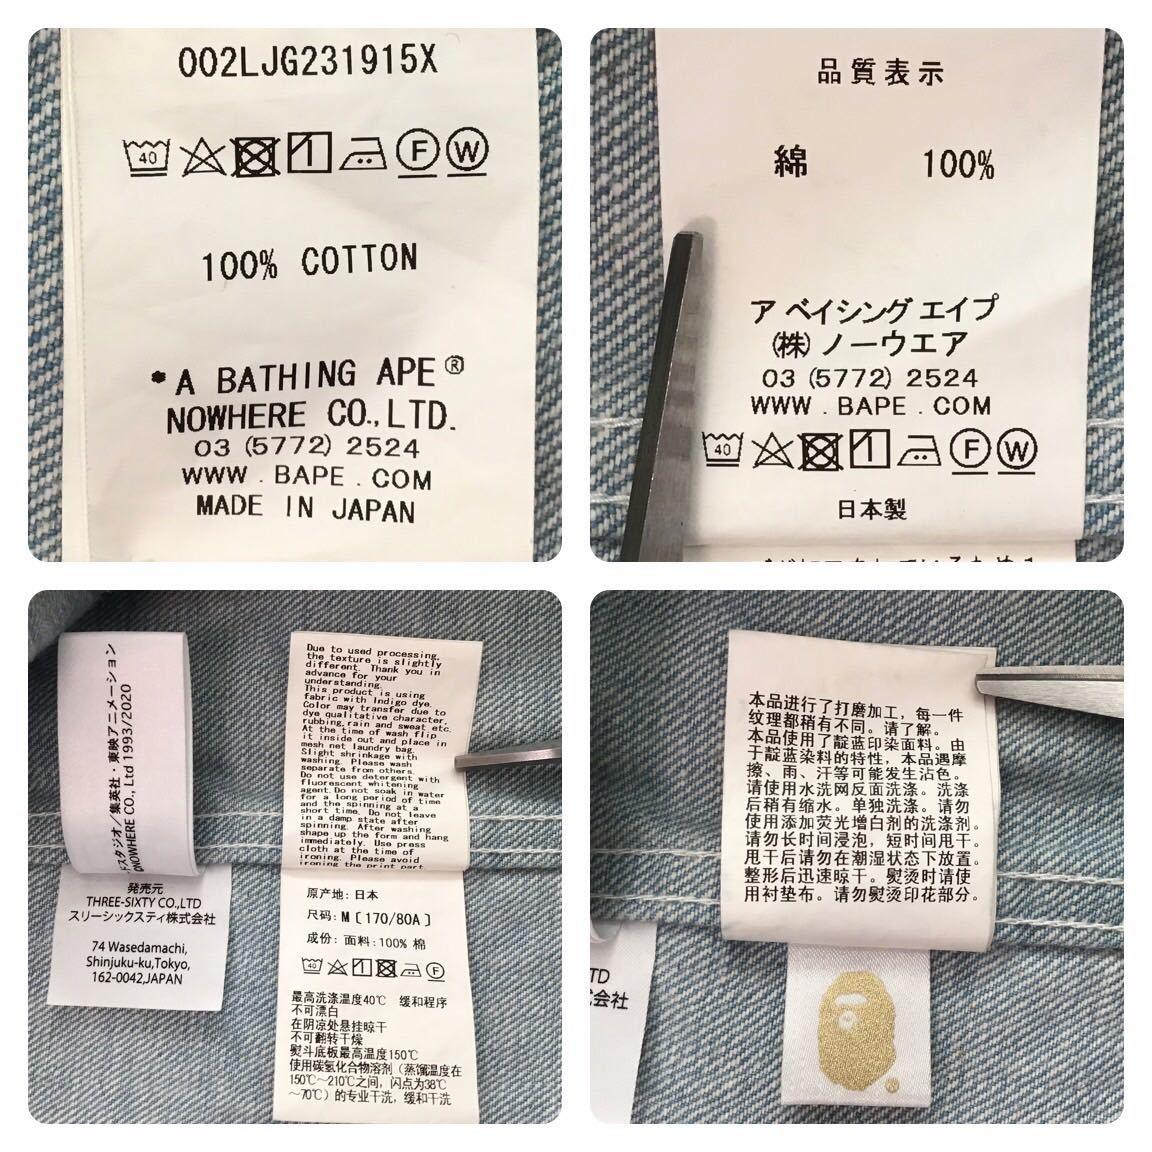 ドラゴンボール BAPE デニムジャケット Mサイズ a bathing ape dragonball z エイプ ベイプ アベイシングエイプ denim jacket milo 悟空 u5